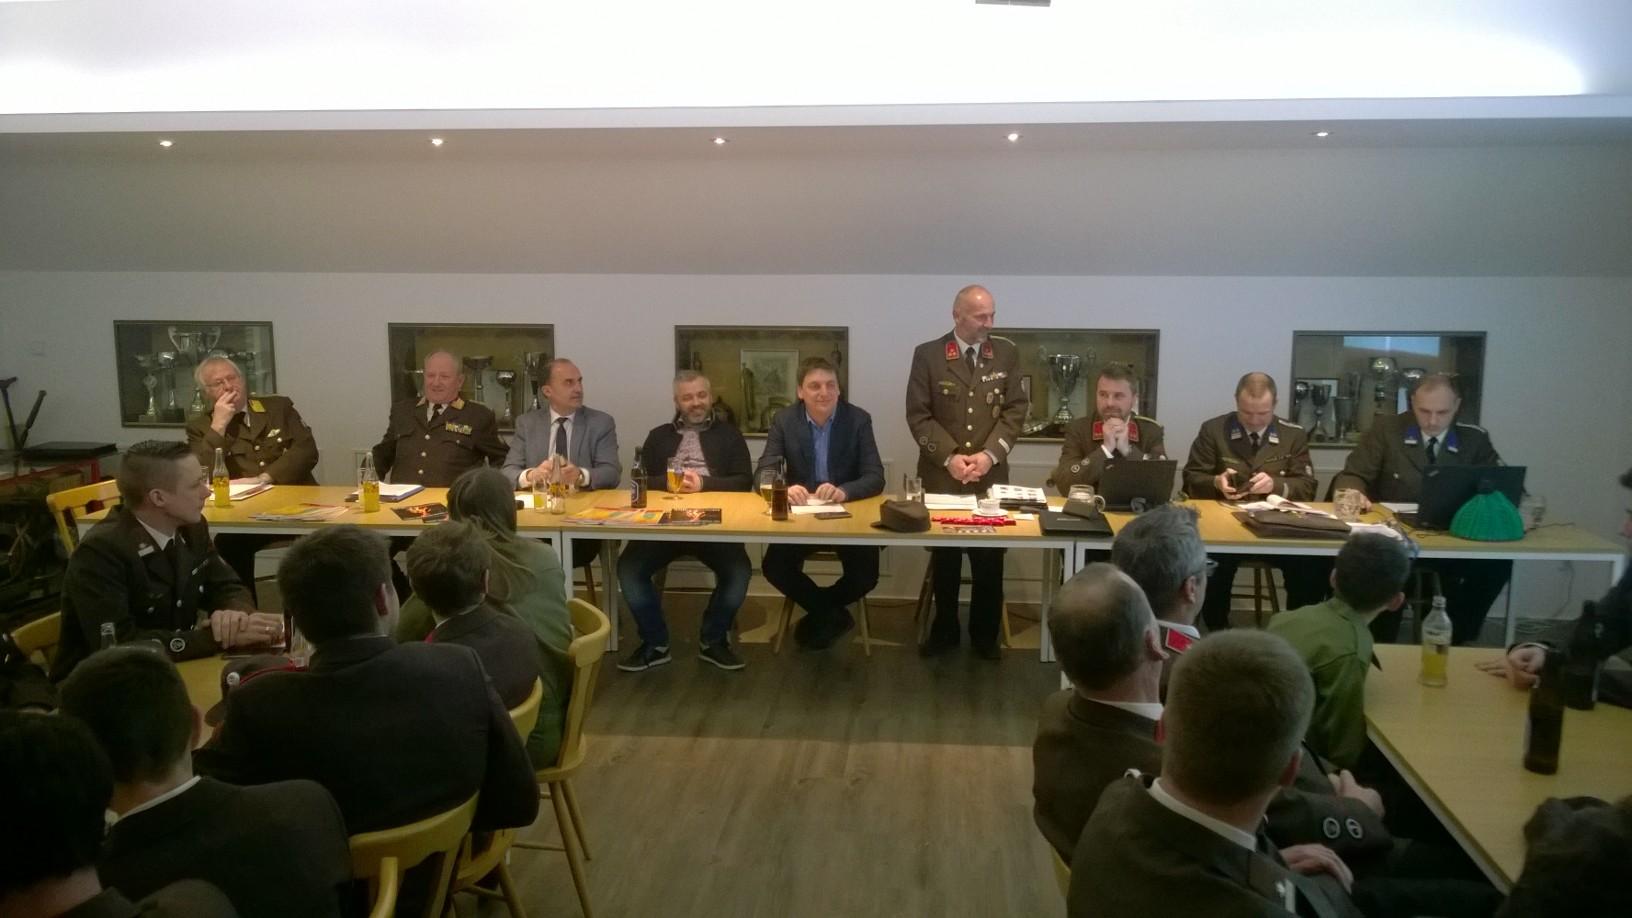 Wehrversammlung 2017 mit Kommando Neuwahlen